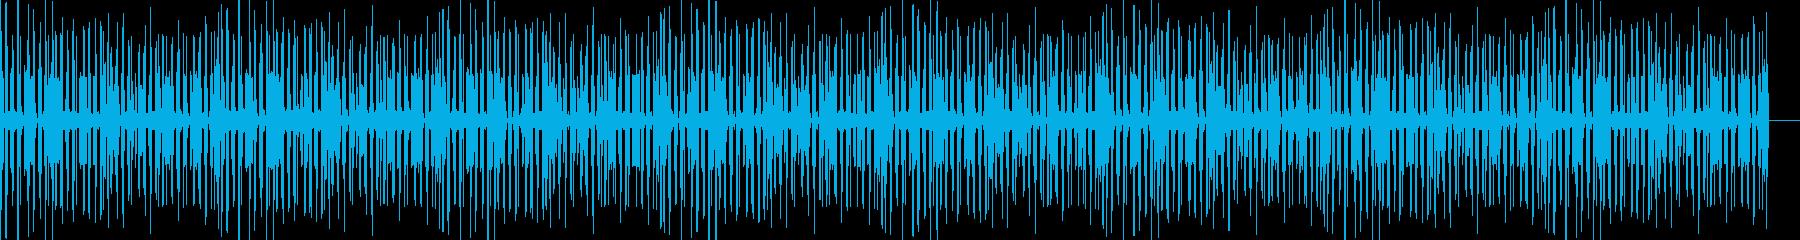 エレピなしの再生済みの波形